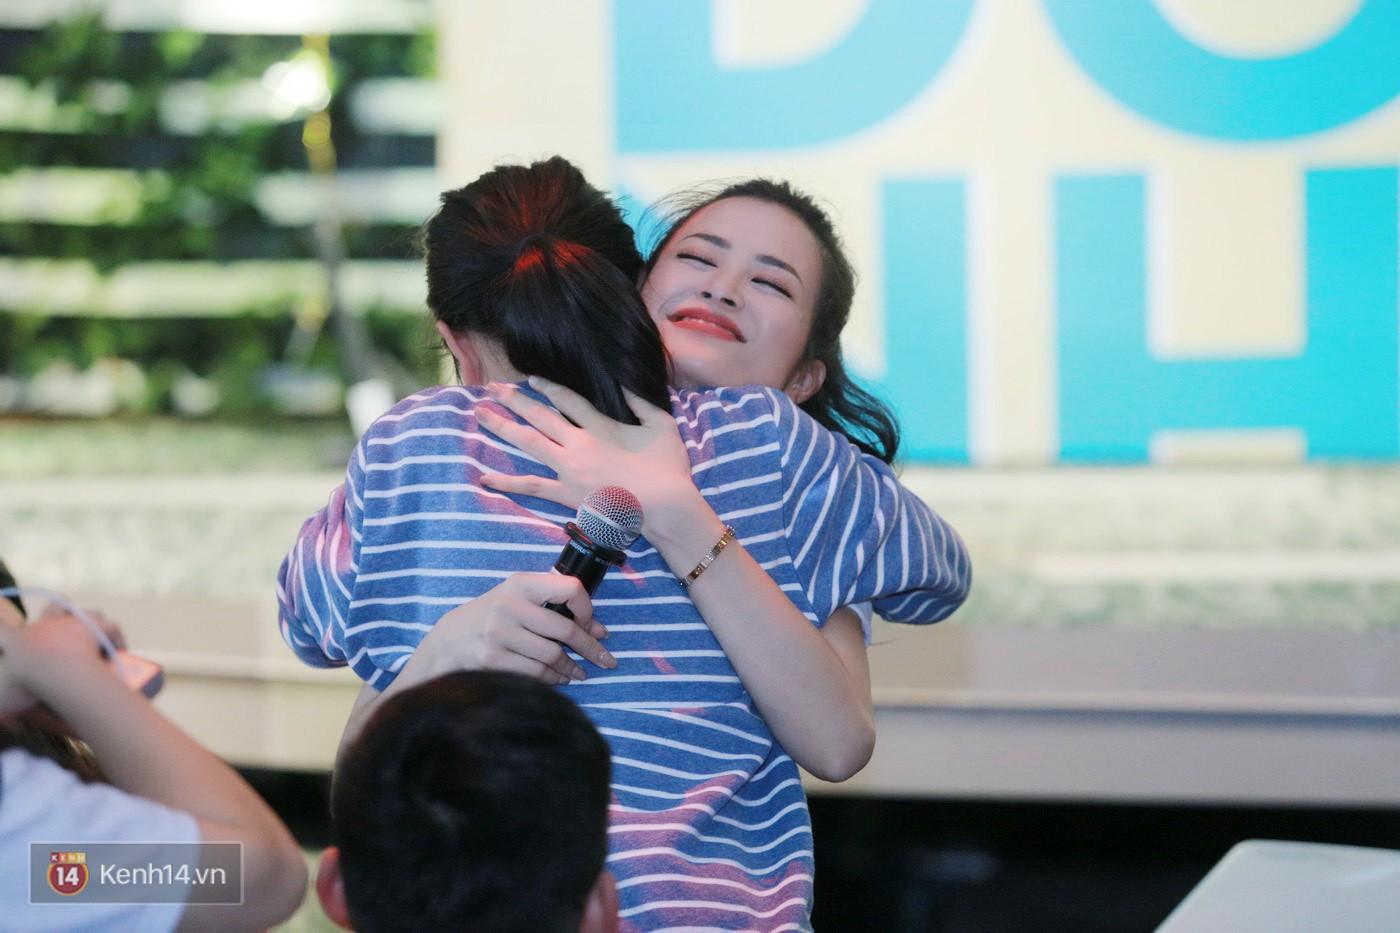 Đông Nhi nghẹn ngào rơi nước mắt trước tình cảm của fan Hà thành trong buổi fan-meeting - Ảnh 7.